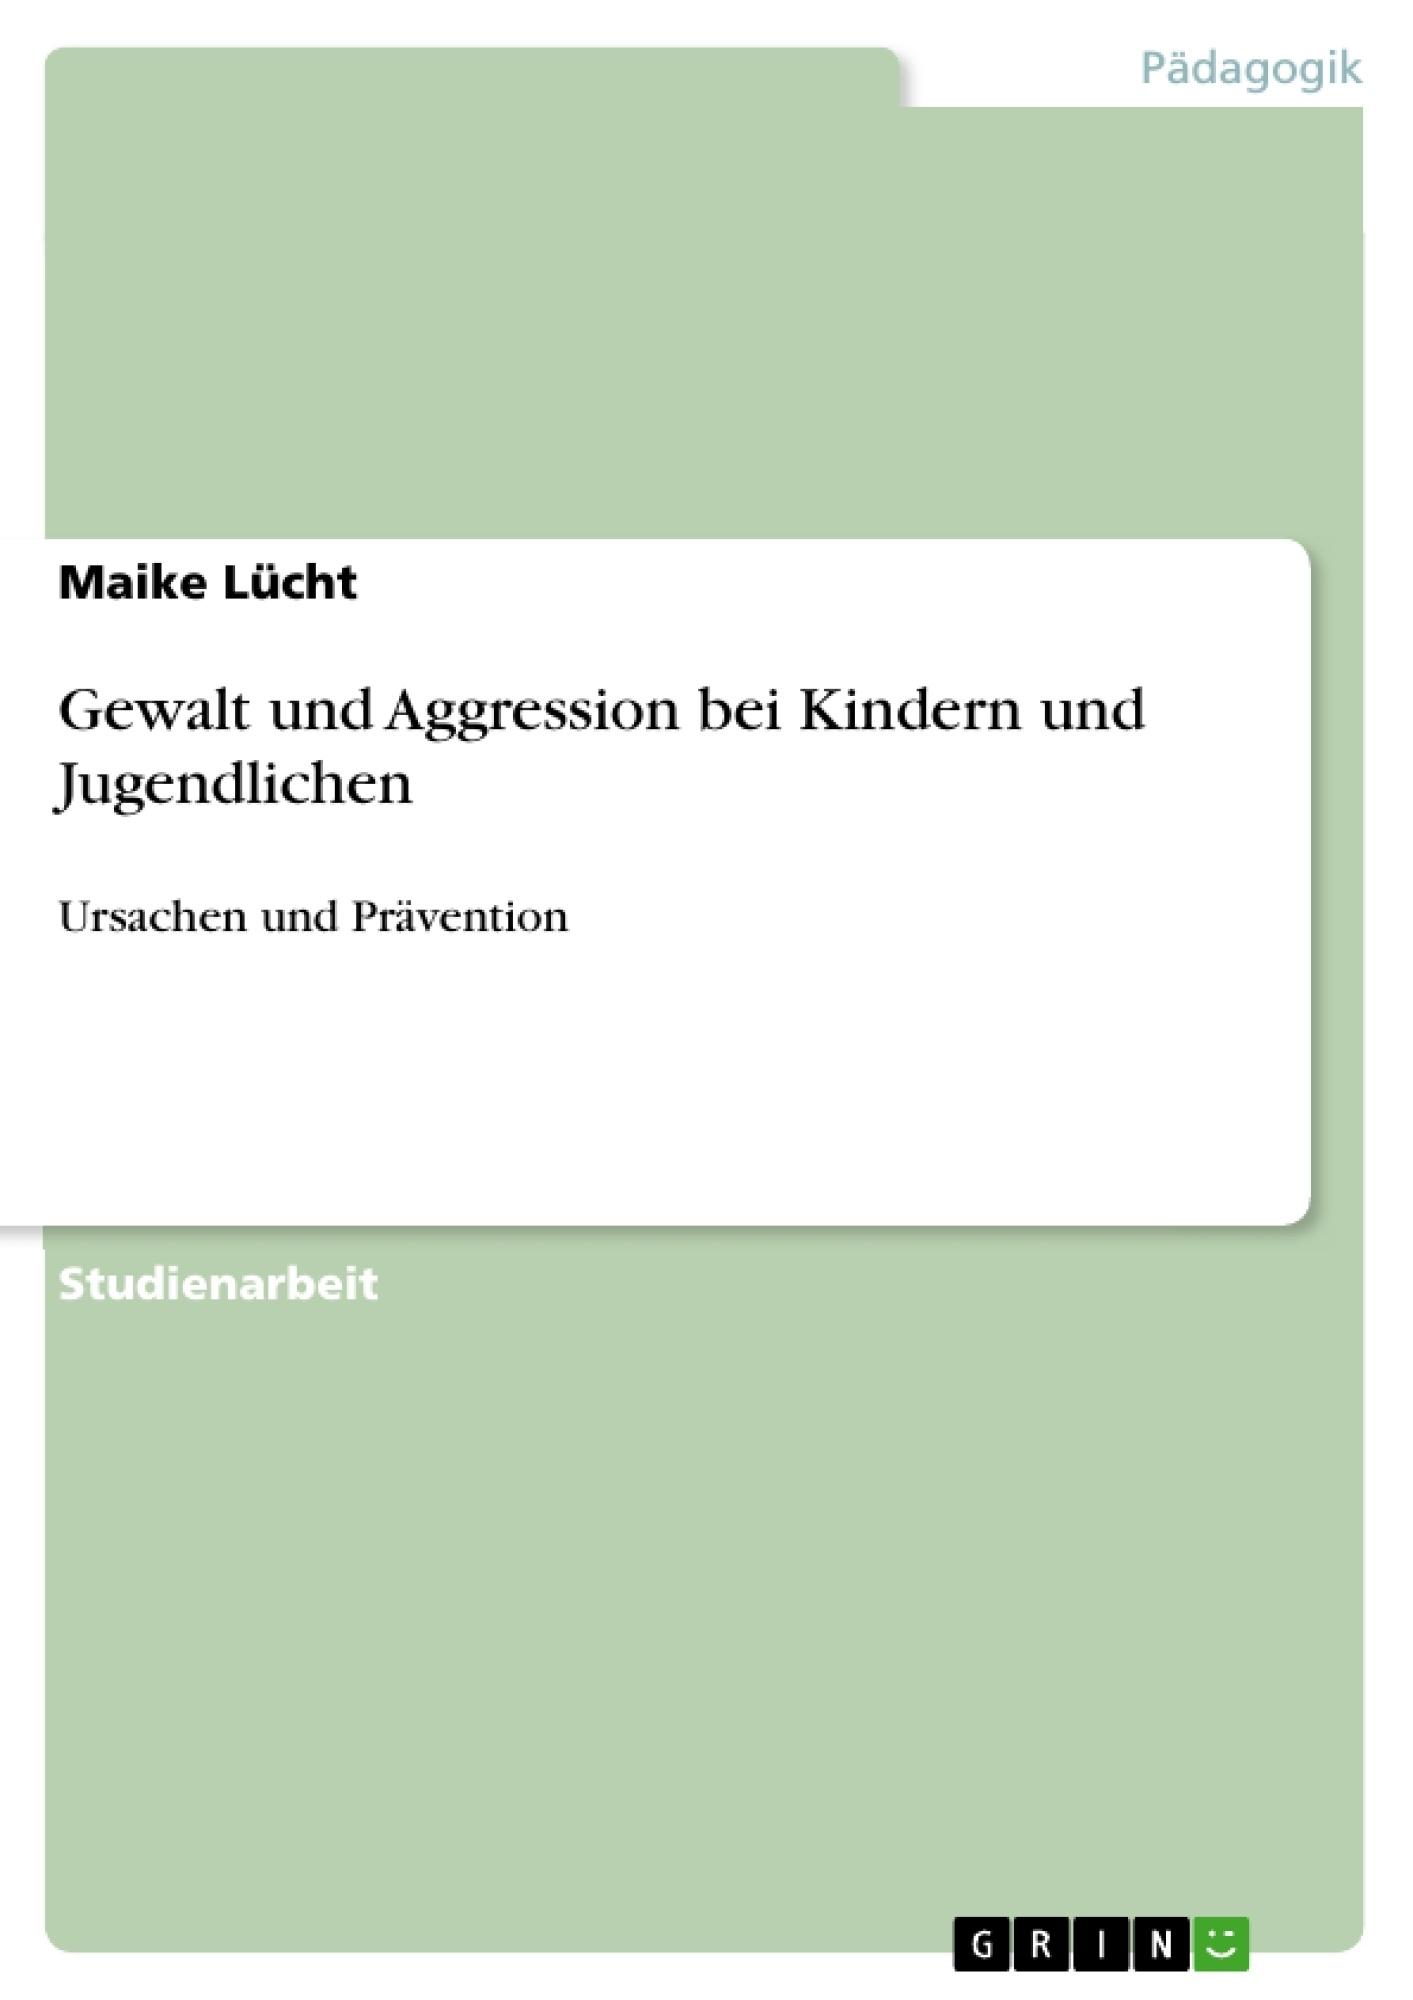 Titel: Gewalt und Aggression bei Kindern und Jugendlichen